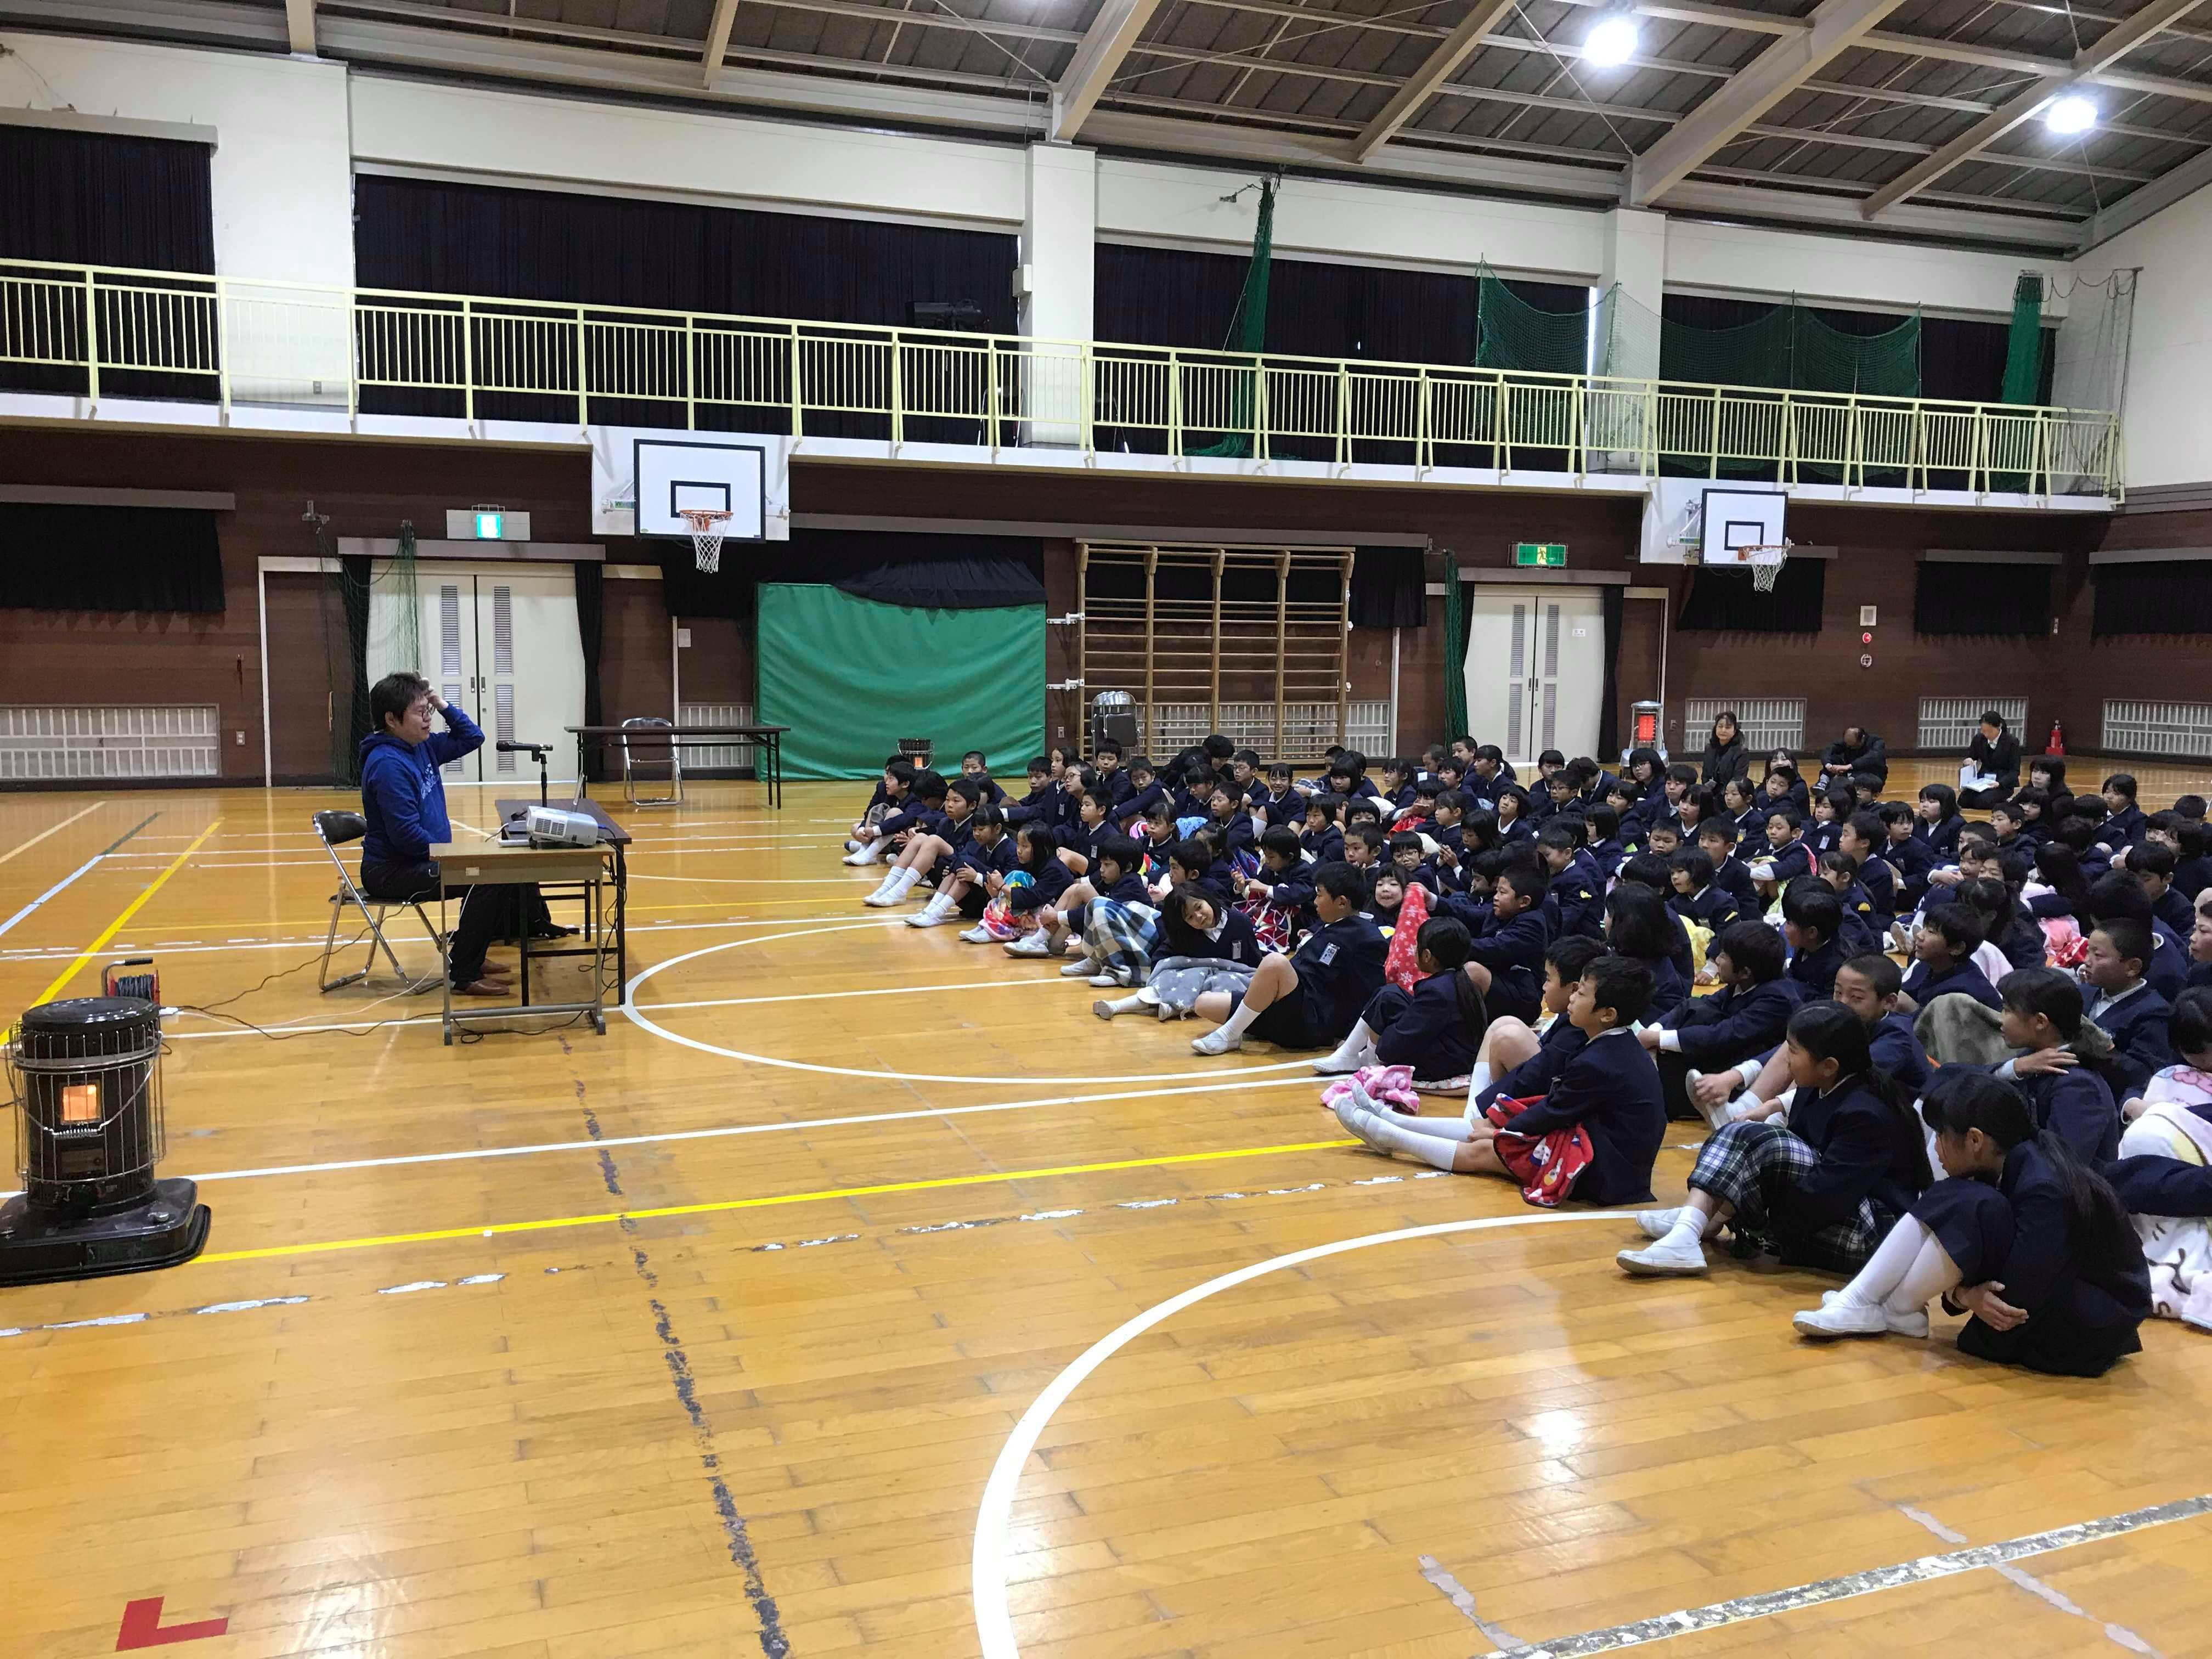 「自由にはたらく」は小学生に伝わるのか?広島県は尾道の小学校で講演してみました